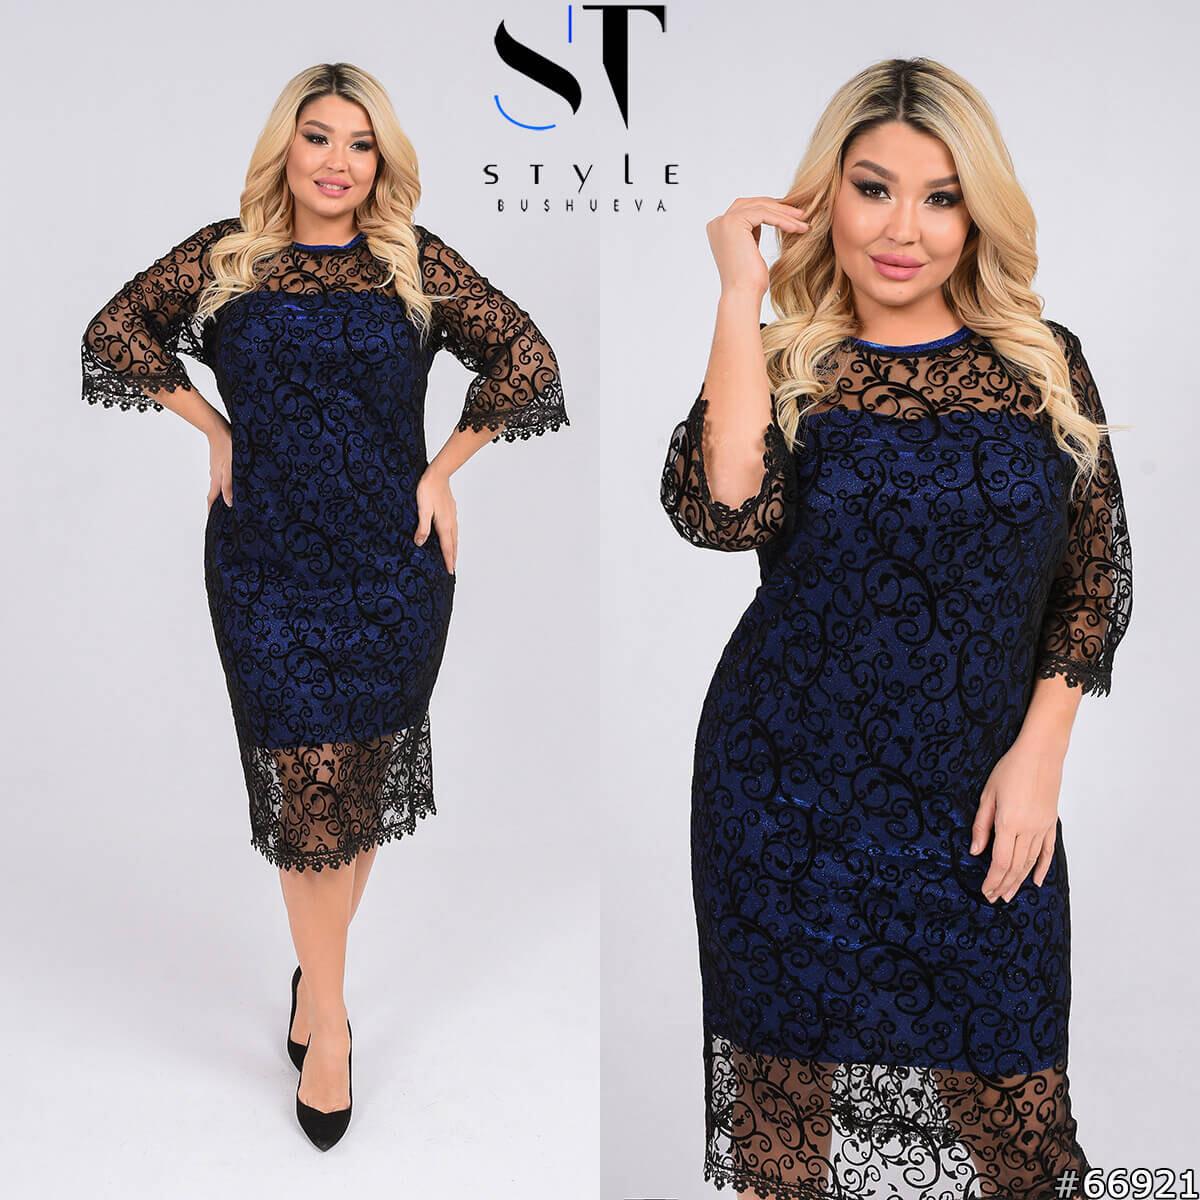 Элегантное и утонченное коктейльное платье из новой коллекции  Размеры: 50-52, 54-56, 58-60